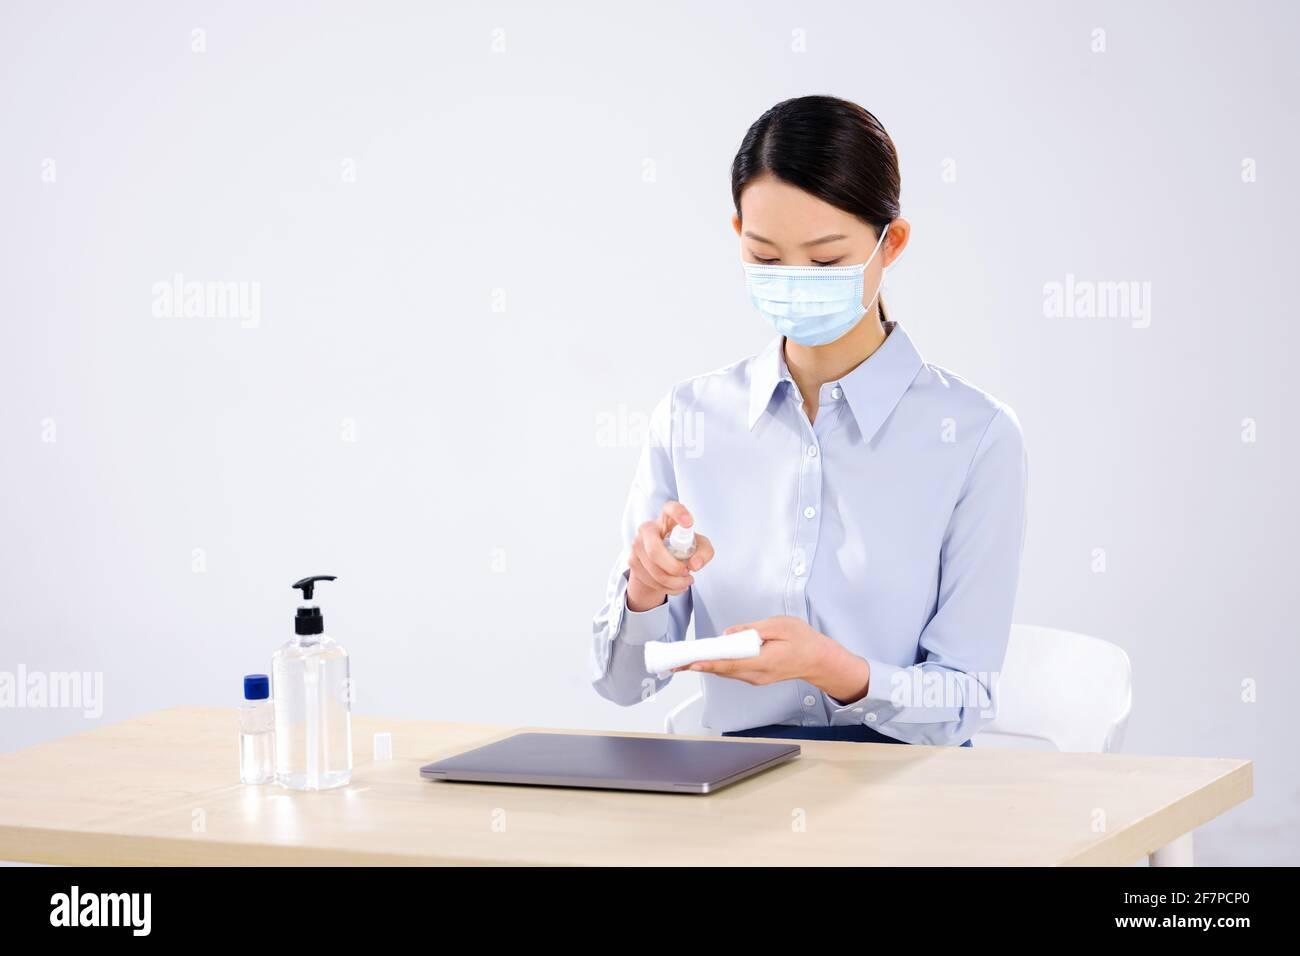 Une femme d'affaires portant un masque essuie son ordinateur avec vue sur le côté alcool Banque D'Images